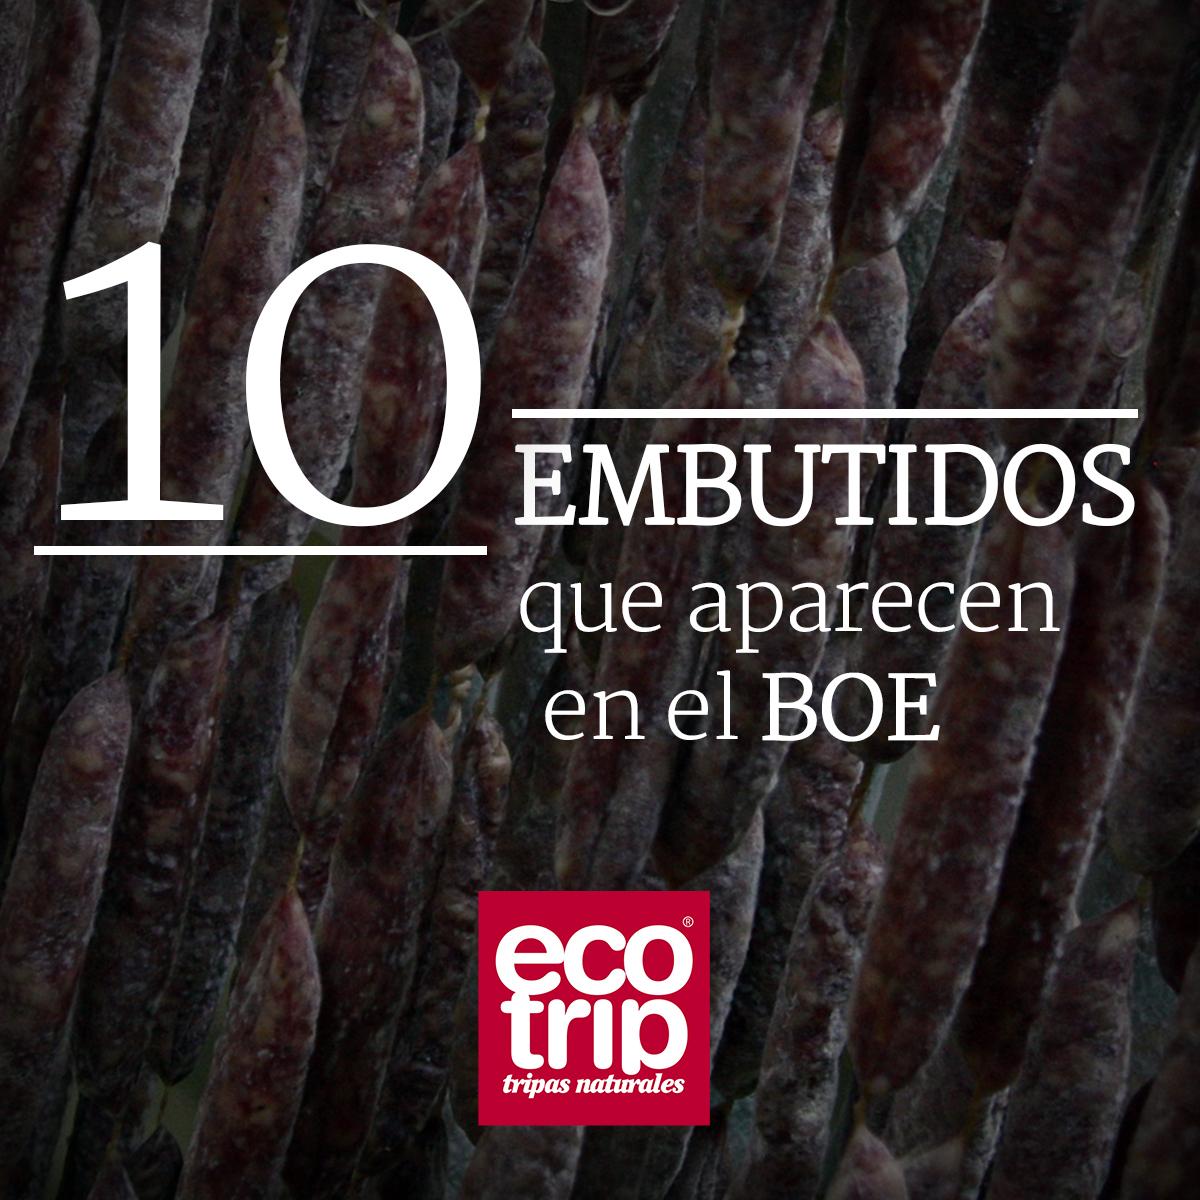 10 embutidos en el BOE